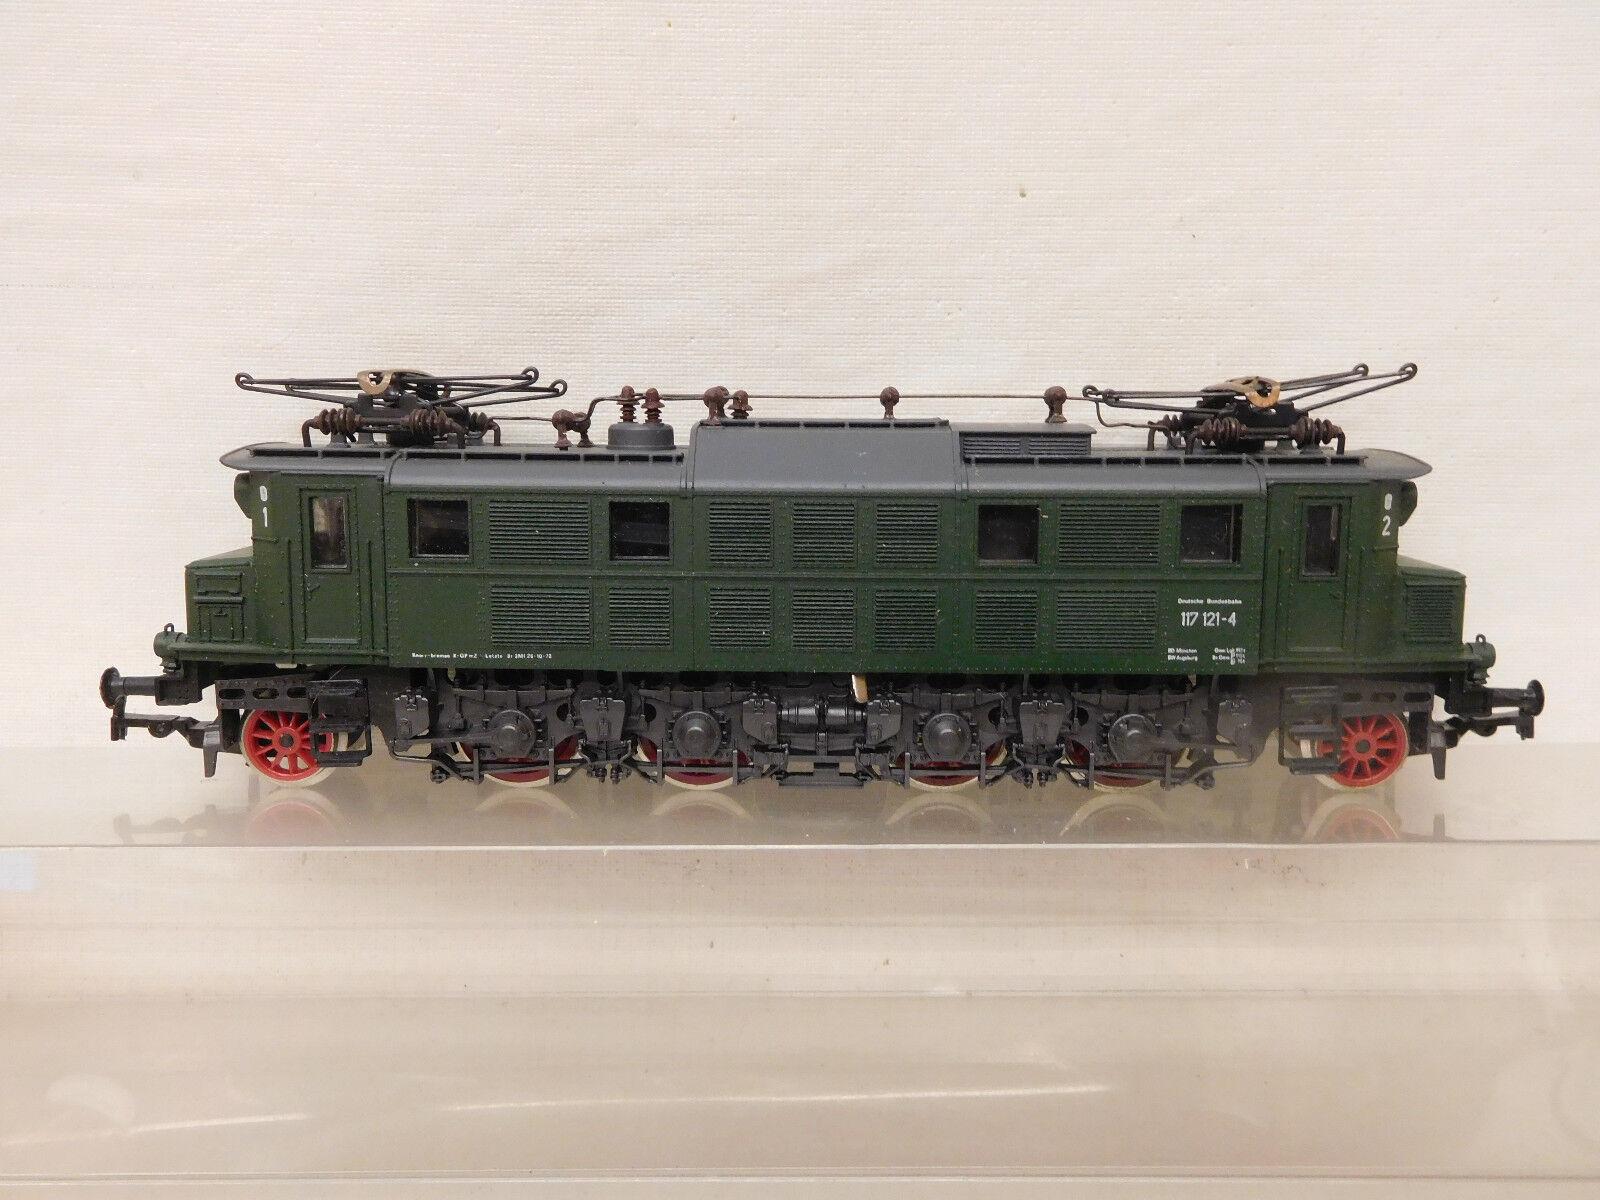 Mes-58152 1668 Rivarossi h0 e-Lok DB 117 1214-4 muy buen estado,